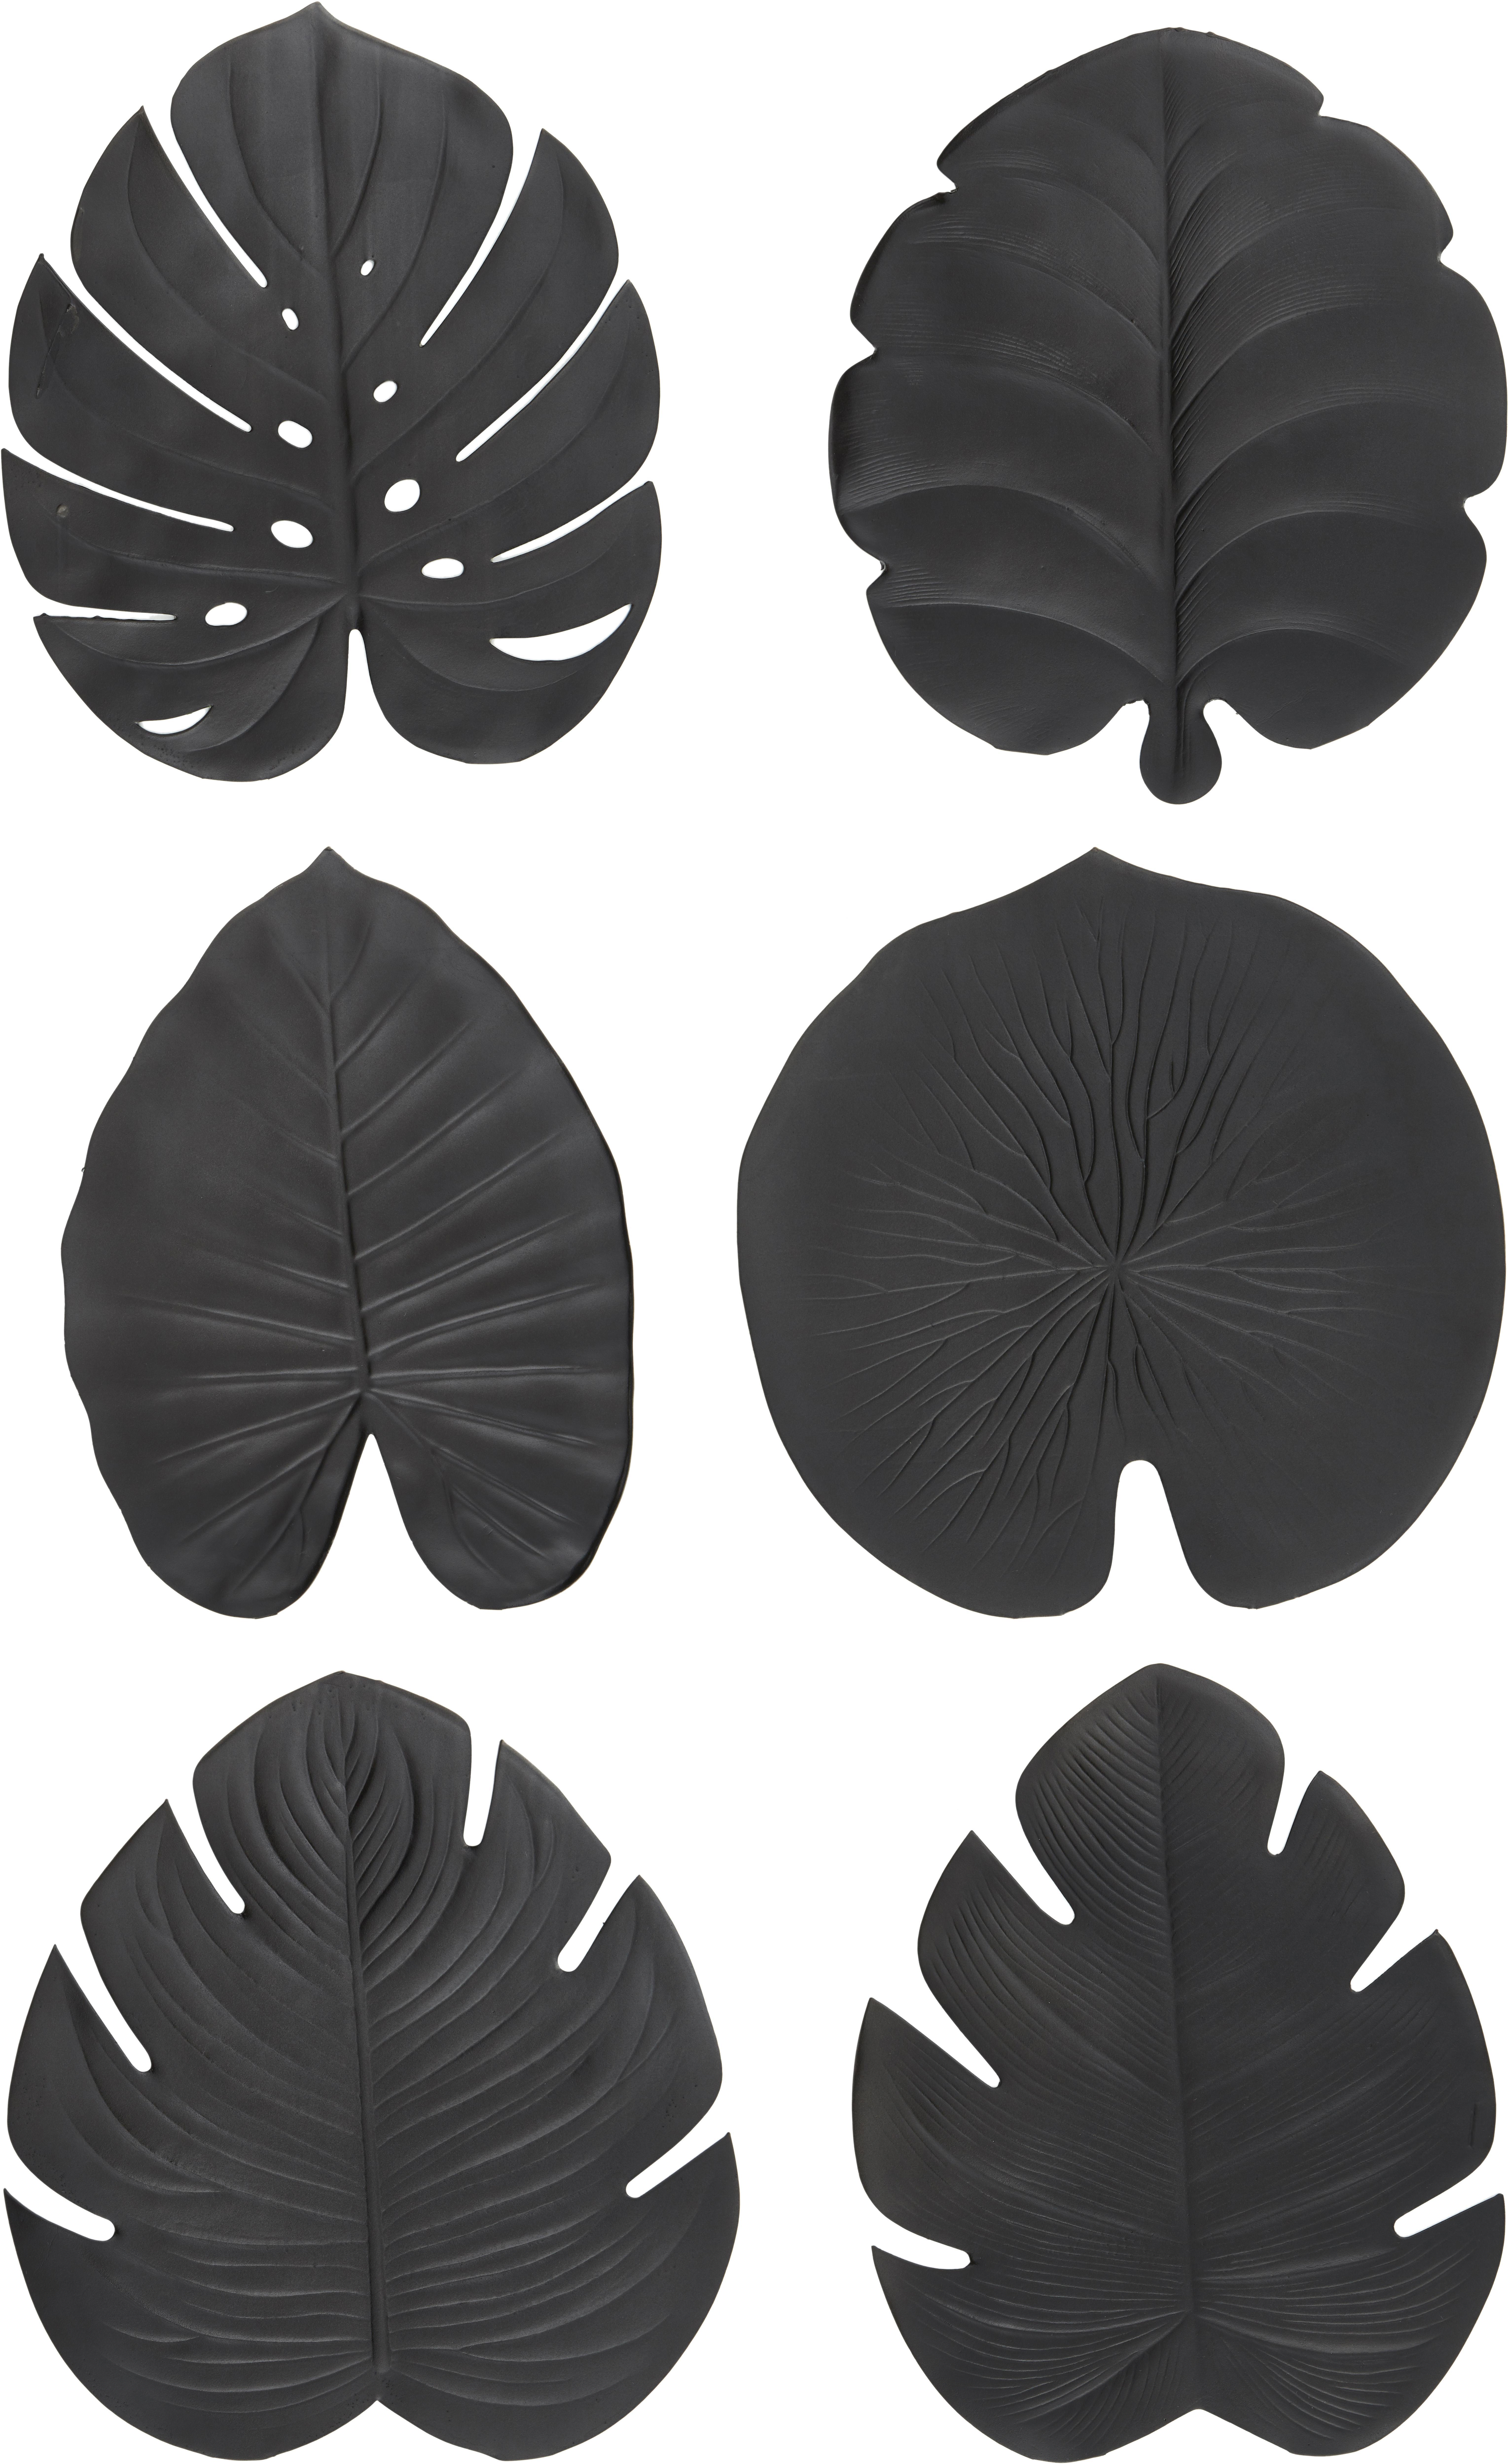 Kunststoffen placemats Jungle, 6-delig, Kunststof (PCV), Zwart, 37 x 47 cm